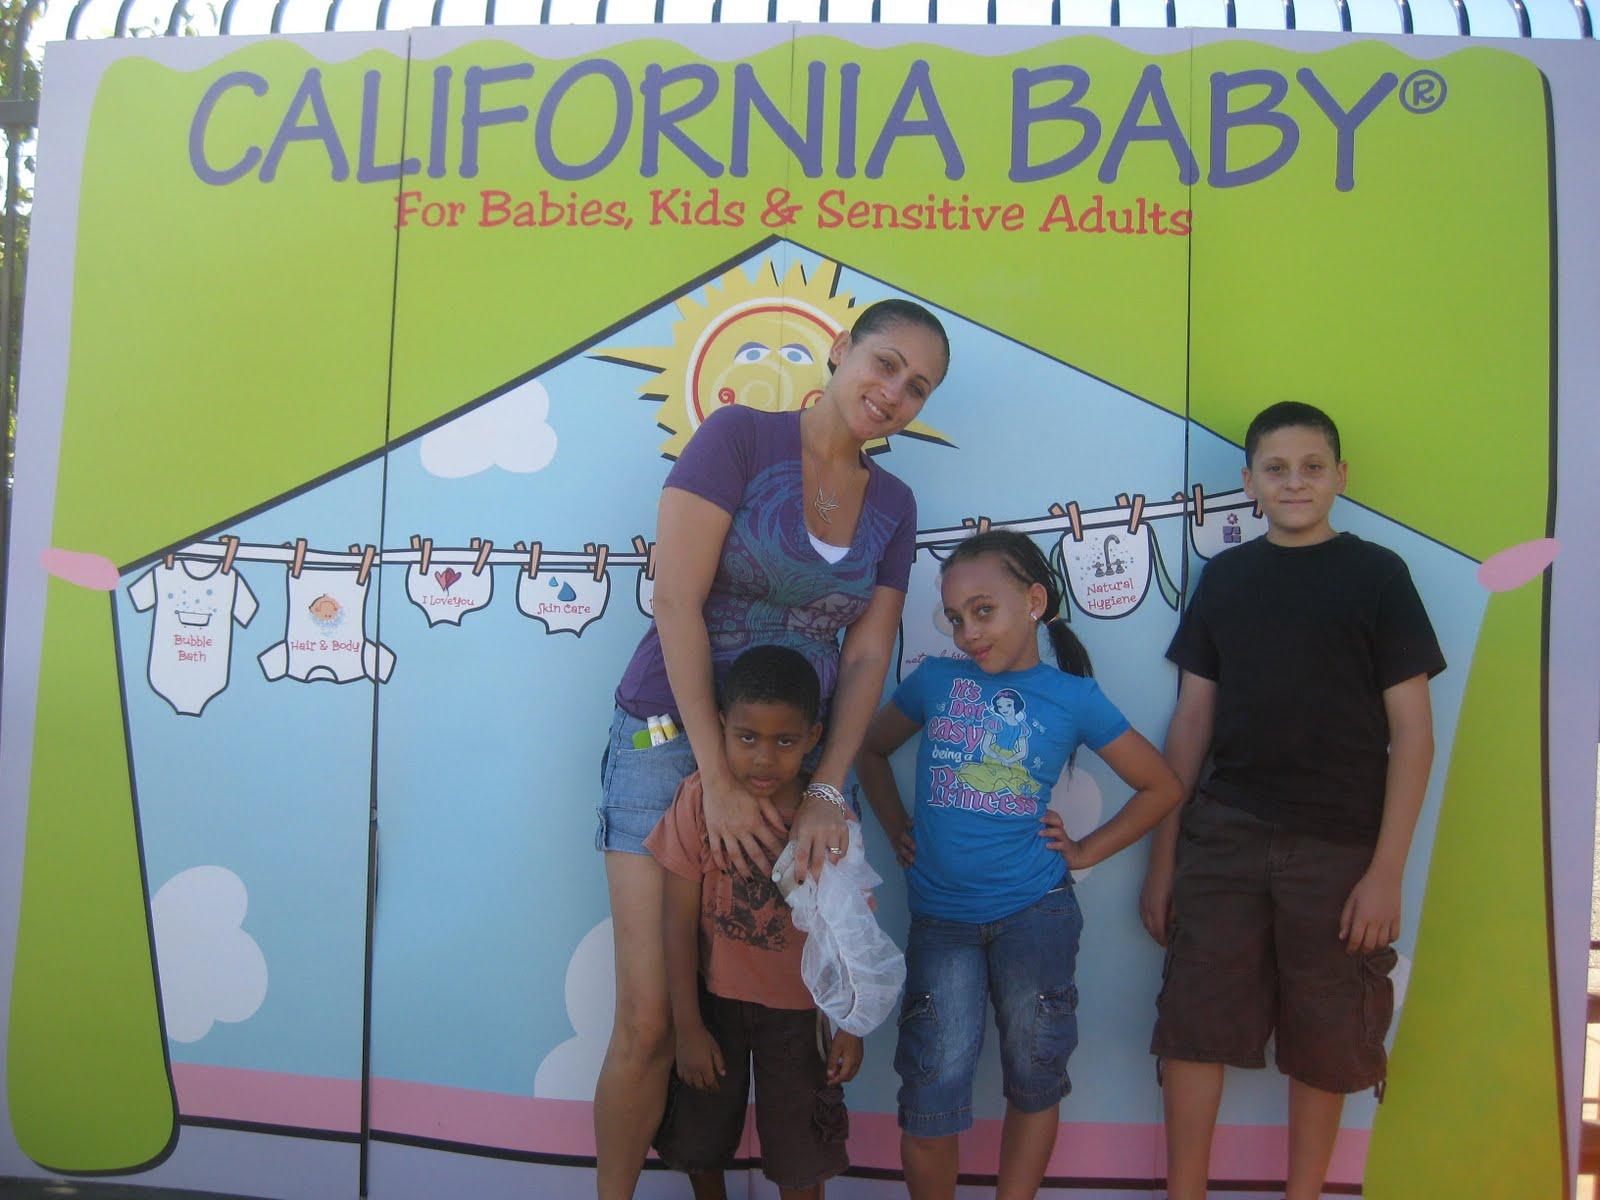 Cristina carlino family - Event Review California Baby Family Festival